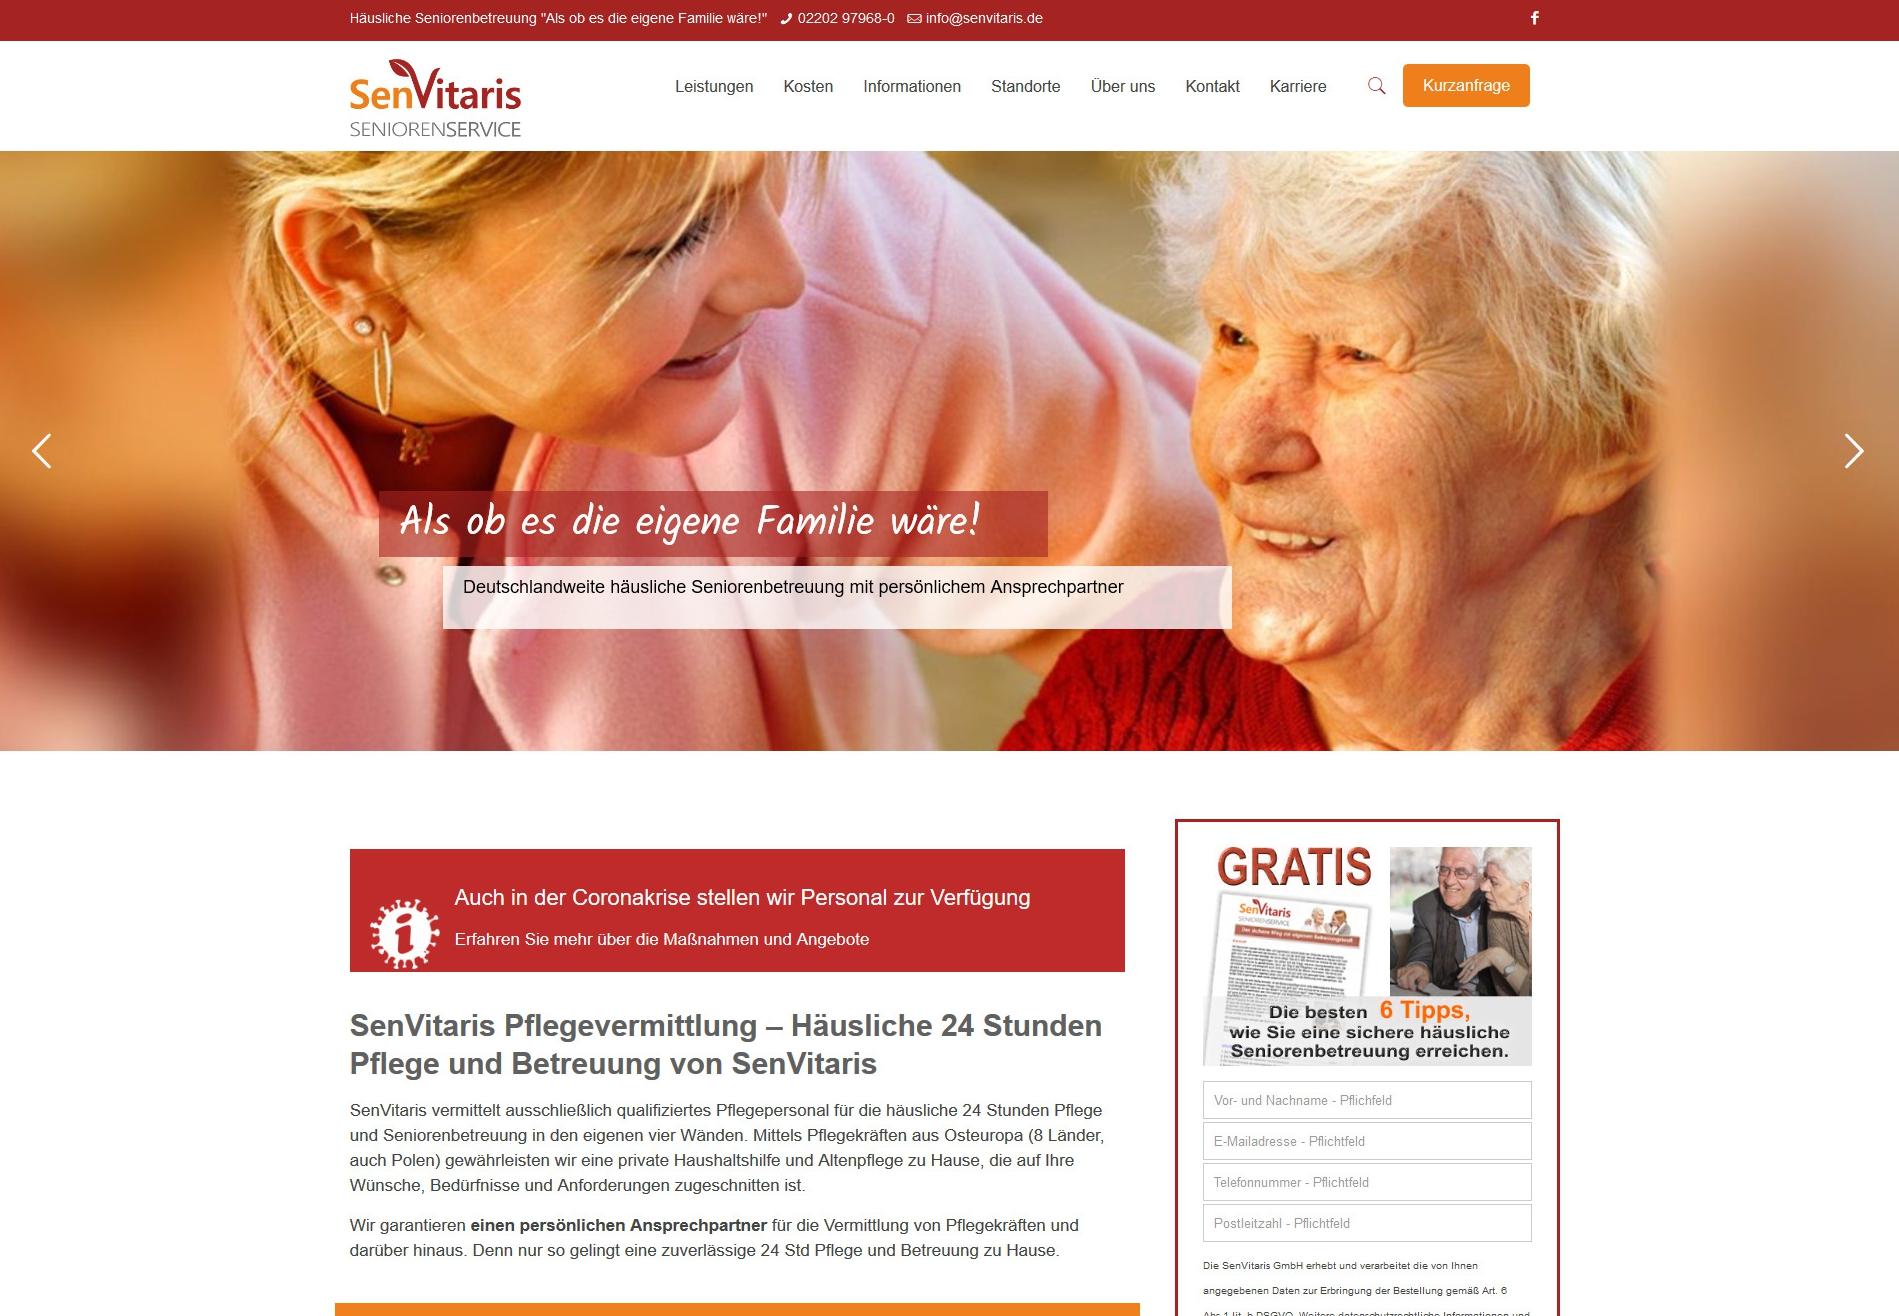 Pflegevermittlung von 24 Stunden Pflege Seniorenbetreuung SenVitaris in Bergisch Gladbach